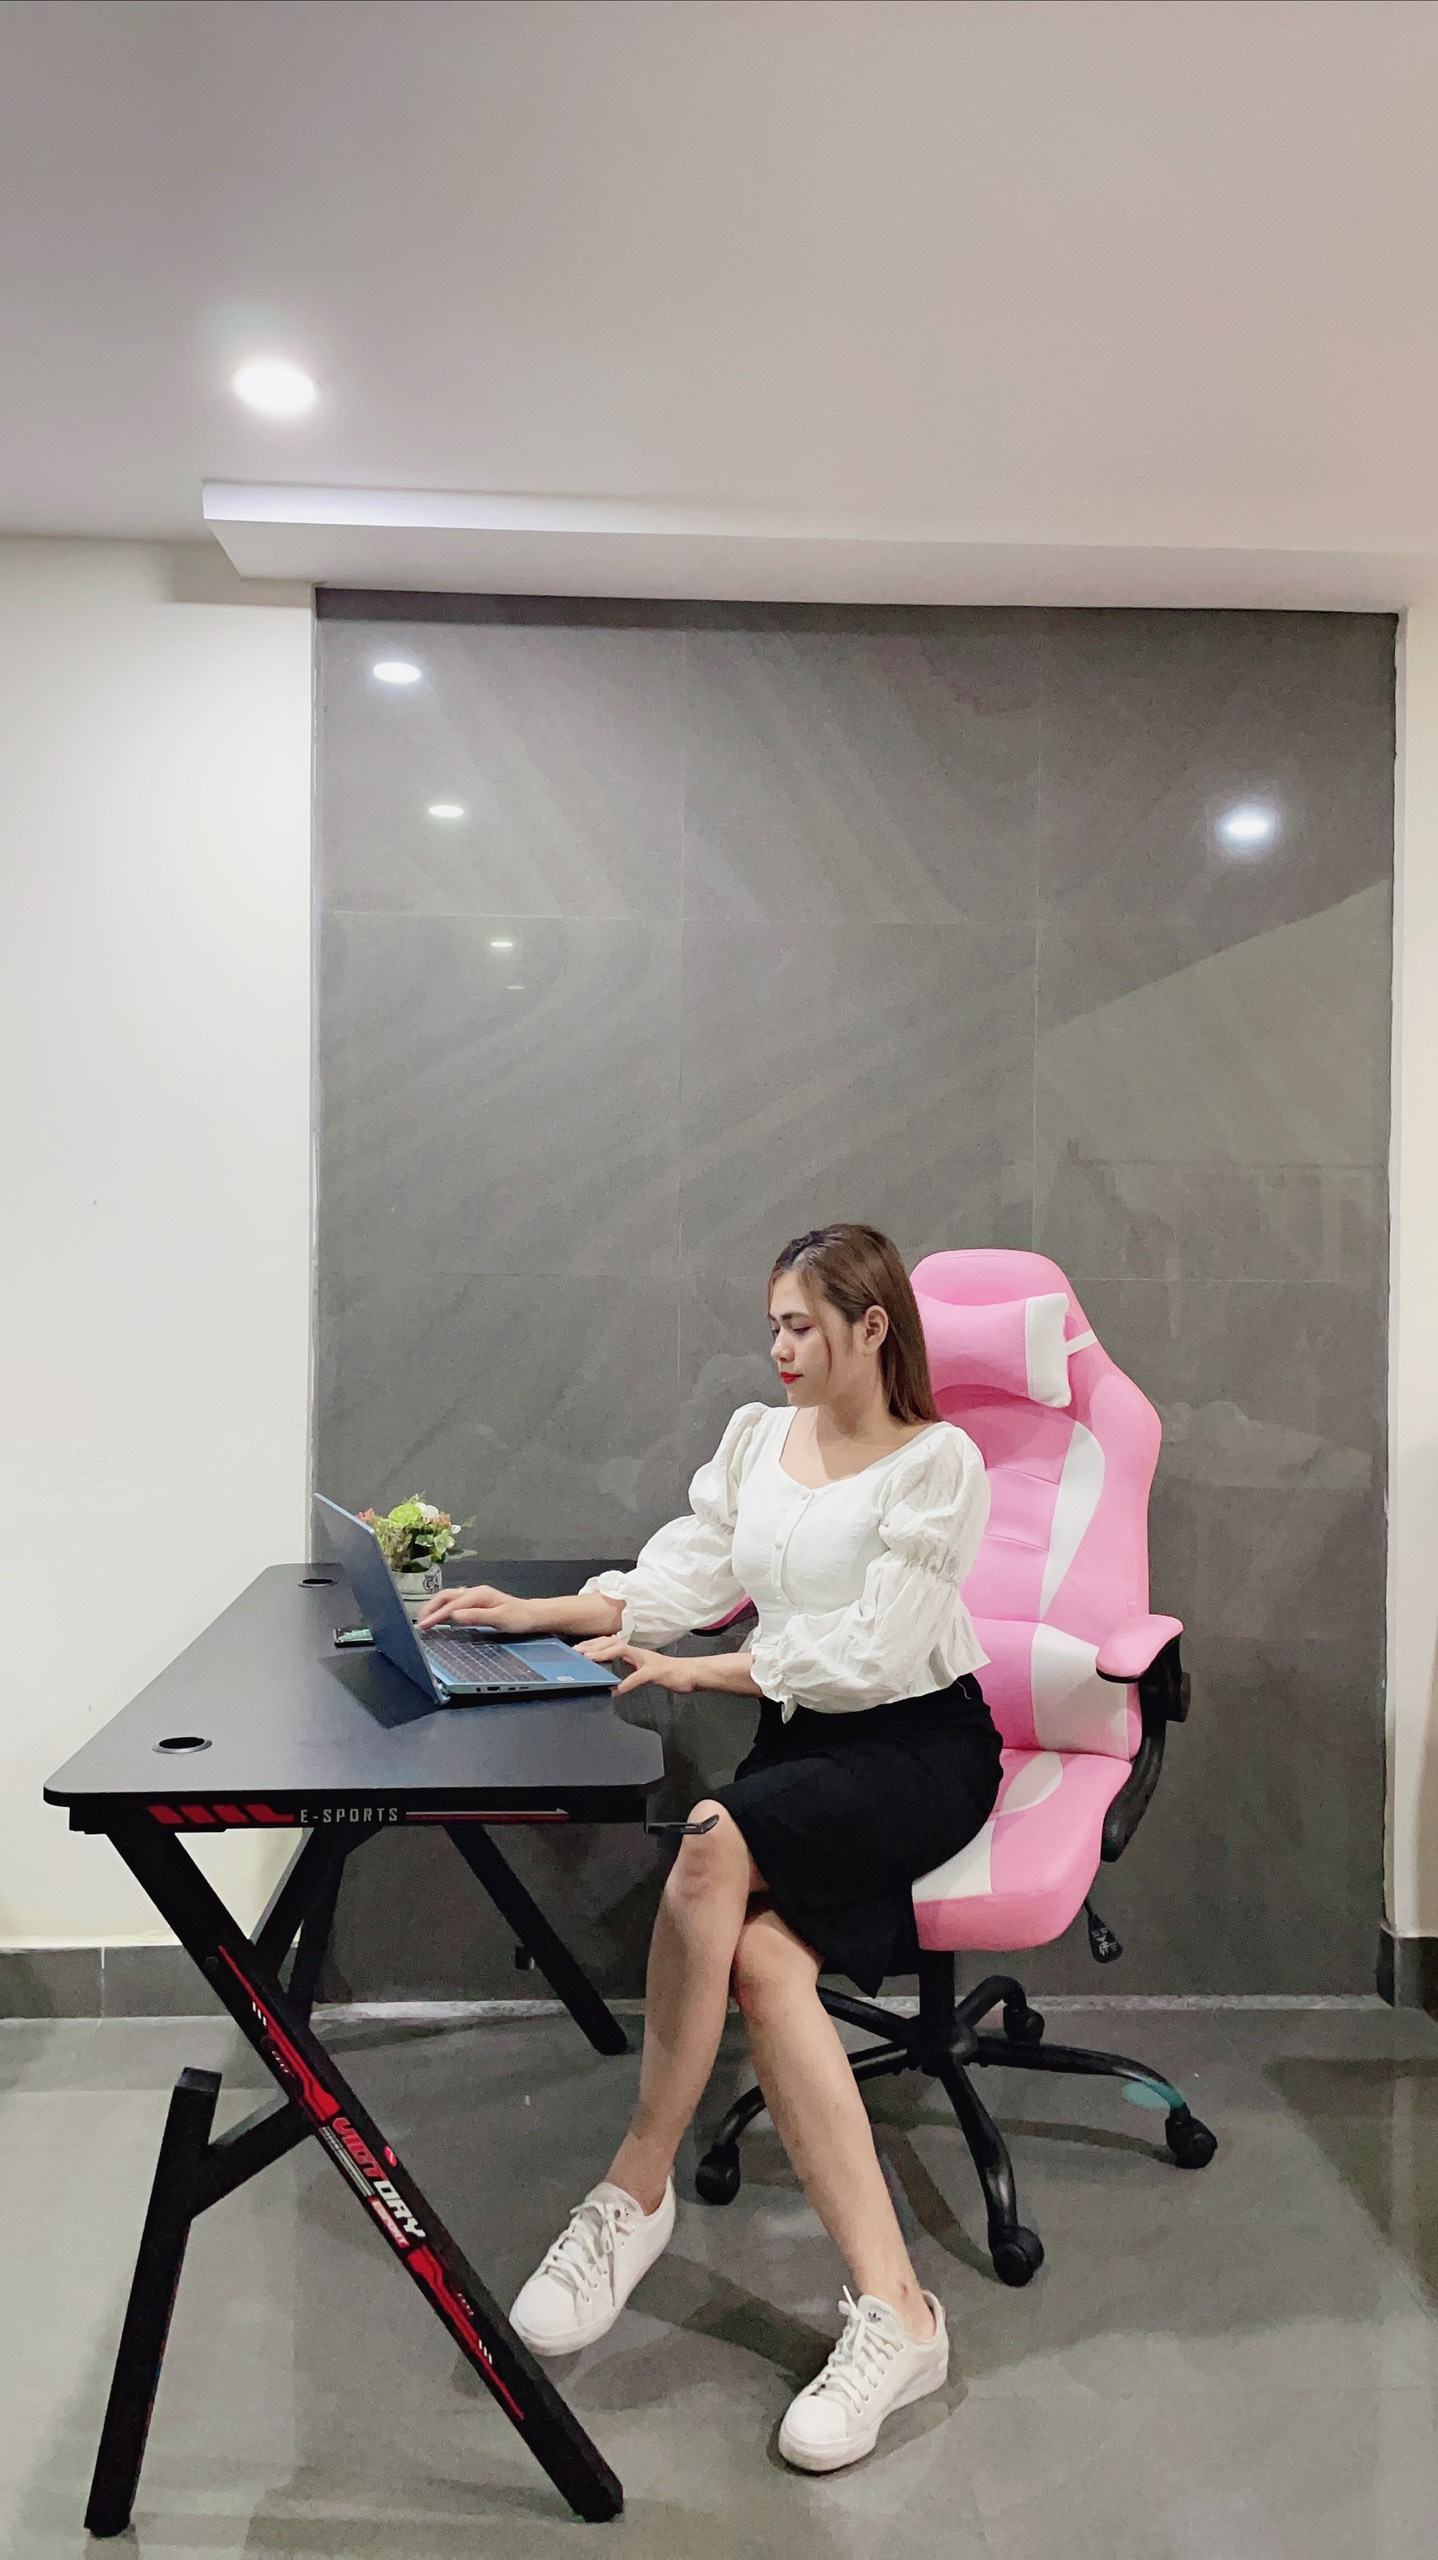 Bán ghế giám đốc và ghế văn phòng bình dương giá rẻ